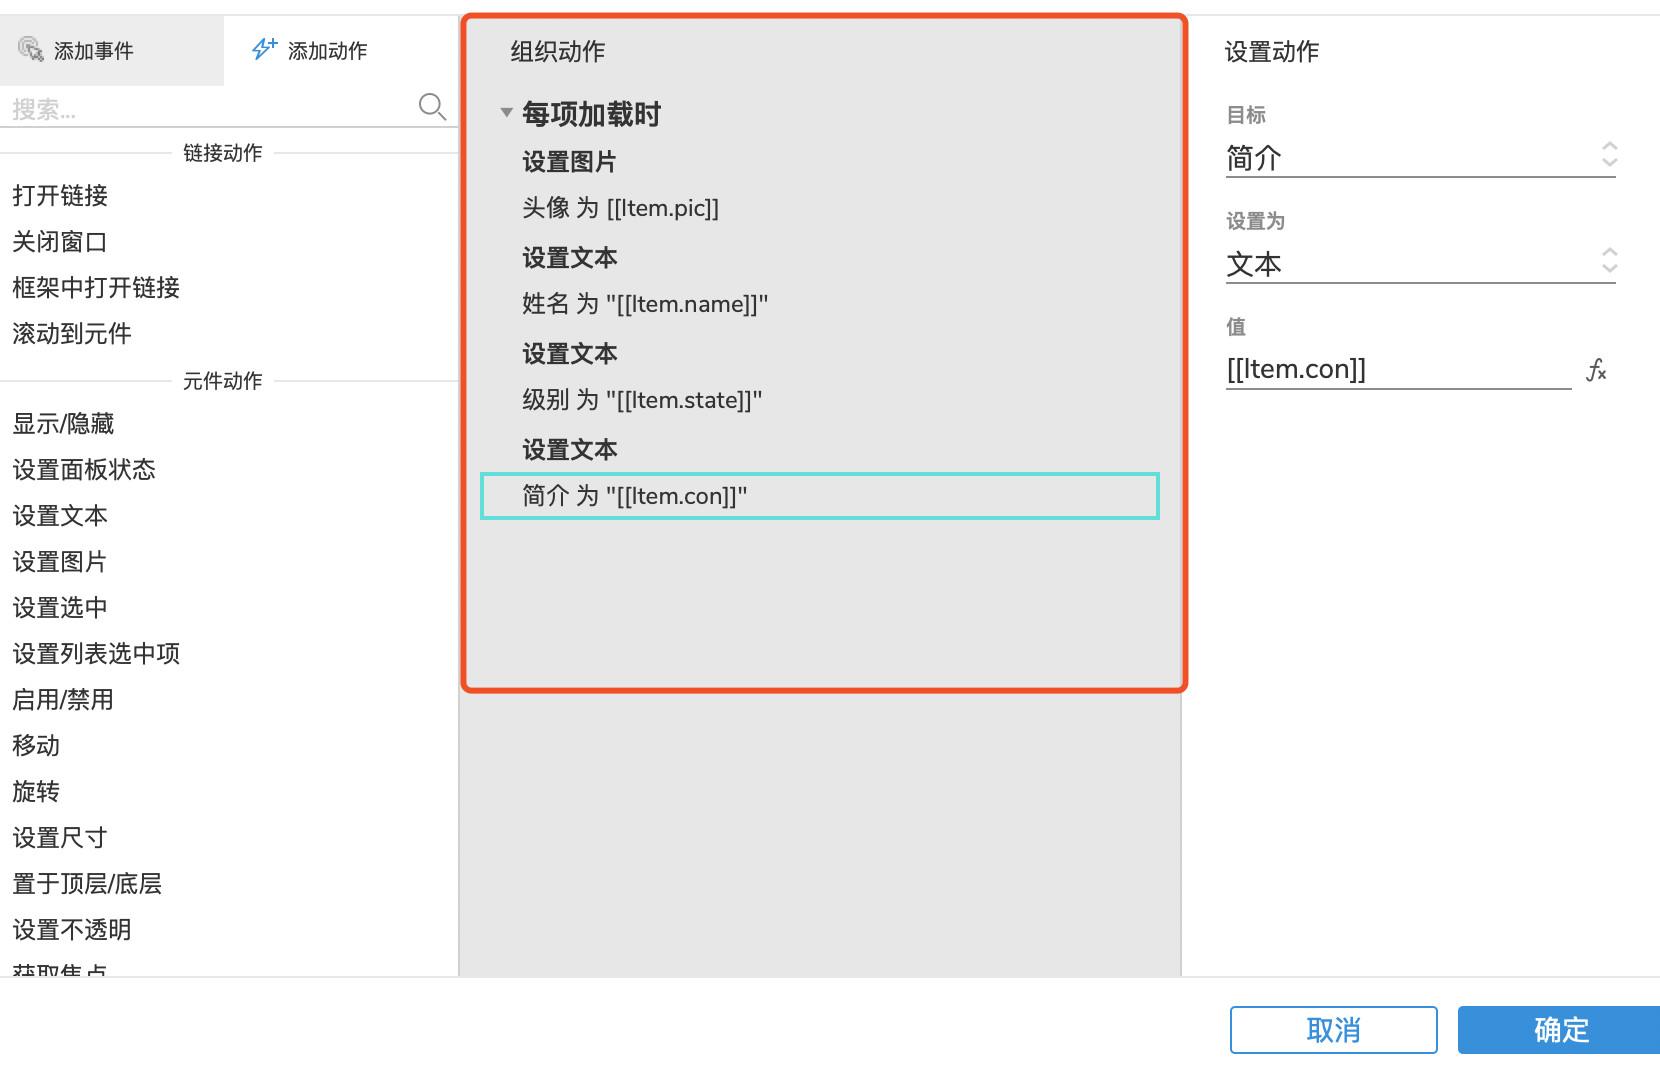 Axure 9 实现自主向中继器添加图文数据